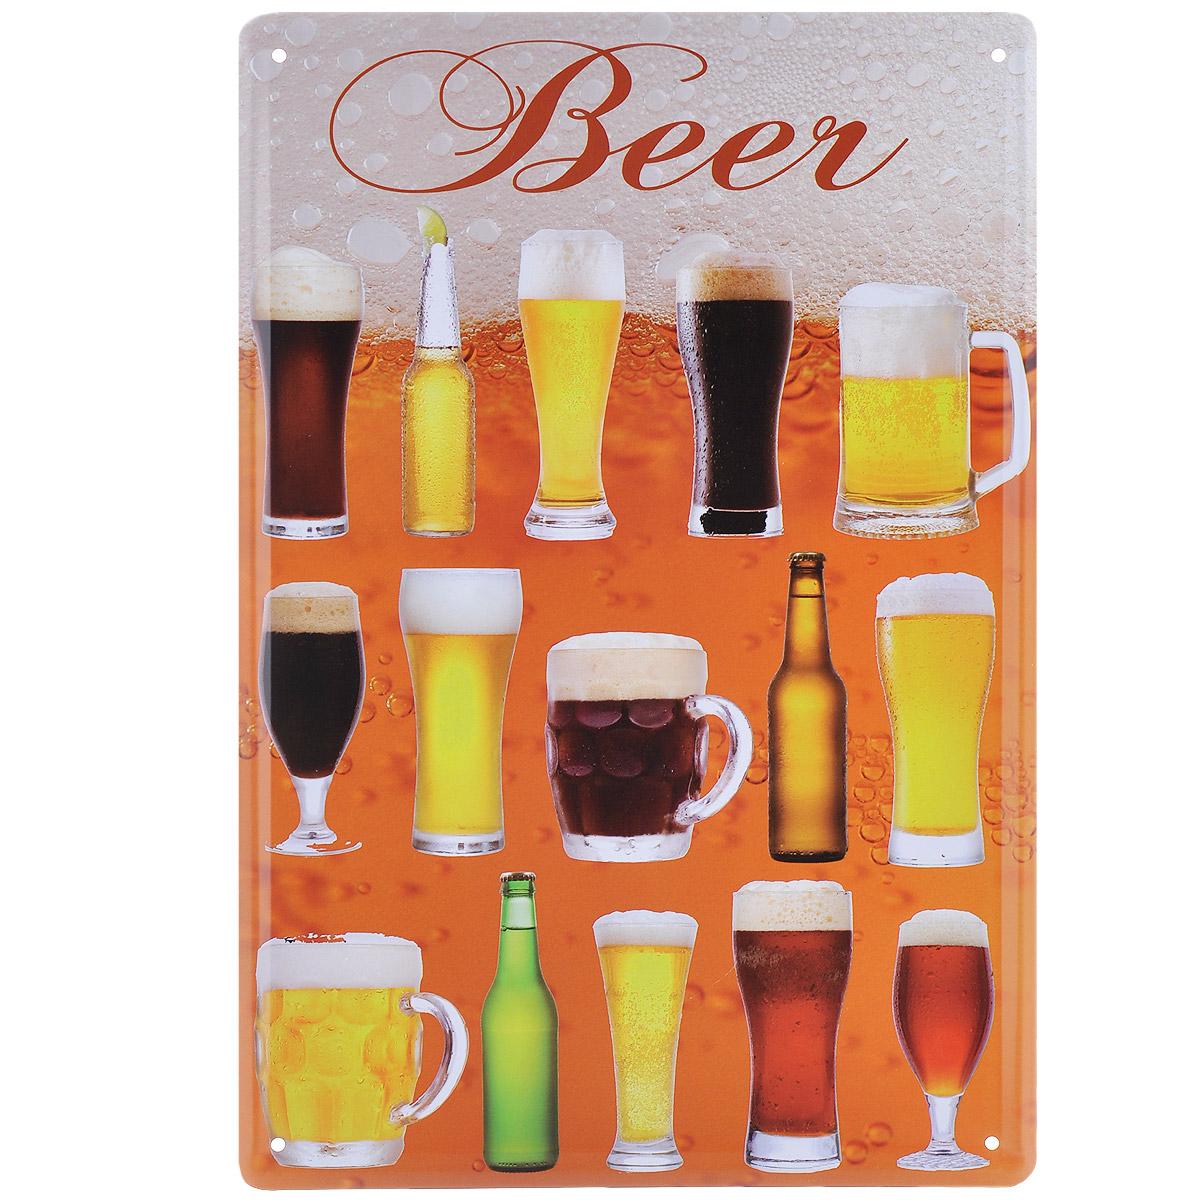 Постер Феникс-презент Пиво, 20 см х 30 см12723Постер Феникс-презент Пиво выполнен из черного металла. На постере изображены бокалы и бутылки с пивом. Постер заинтересует всех любителей оригинальных вещиц и доставит массу положительных эмоций своему обладателю.Картина для интерьера (постер) - современное и актуальное направление в дизайне любых помещений.Постер может использоваться для оформления любых интерьеров:- дом, квартира (гостиная, спальня, кухня); - офис (комната переговоров, холл, кабинет); - бар, кафе, ресторан или гостиница. Из мелочей складывается стиль интерьера. Постер Феникс-презент Пиво одна из тех деталей, которые придают интерьеру обжитой вид и создают ощущение уюта.